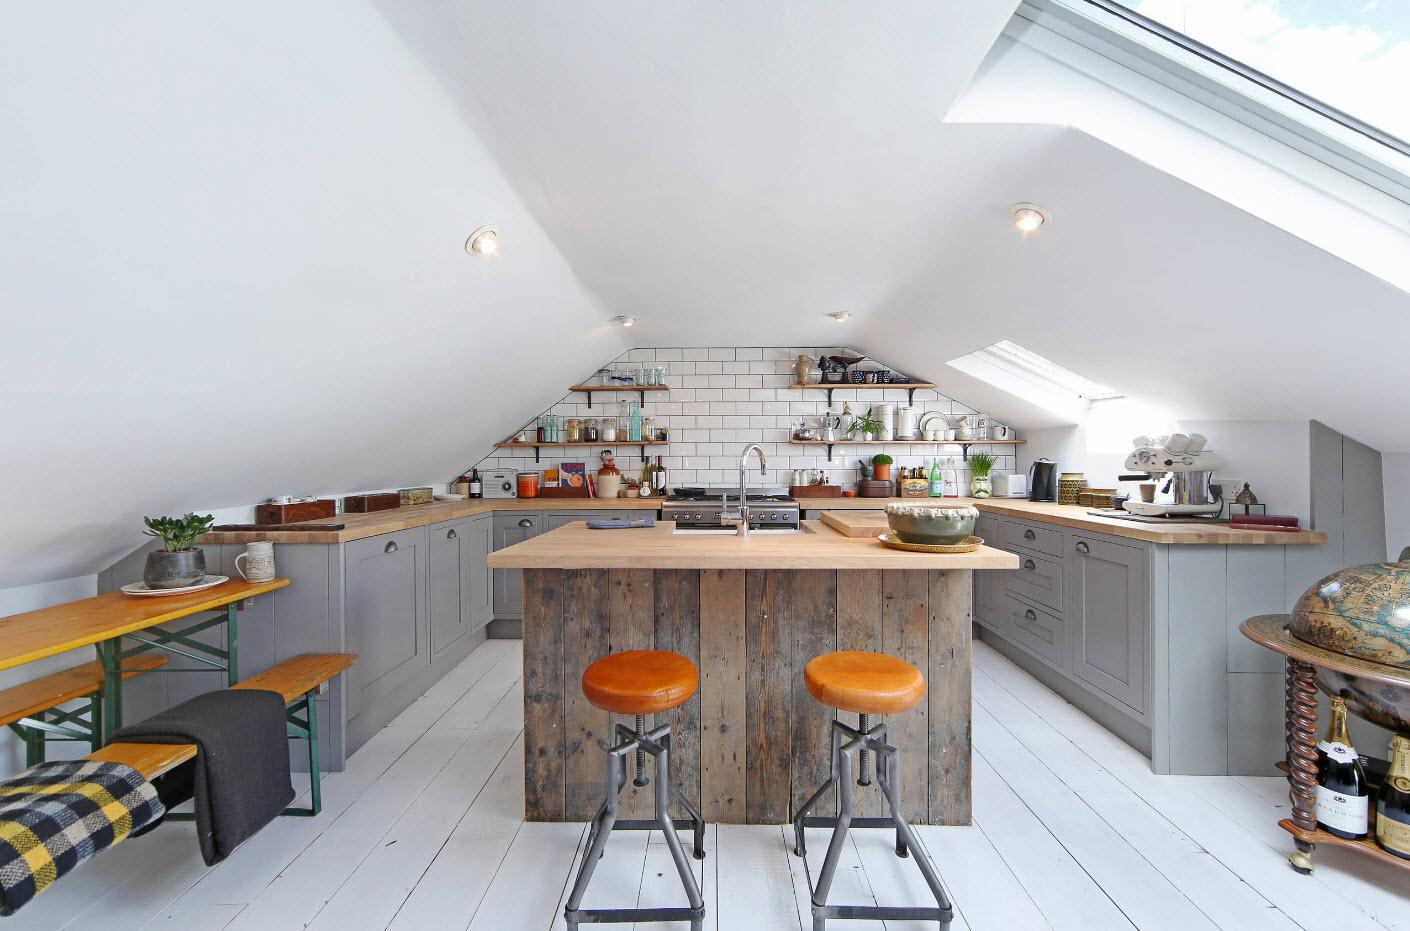 Интерьер сложной по геометрии кухни